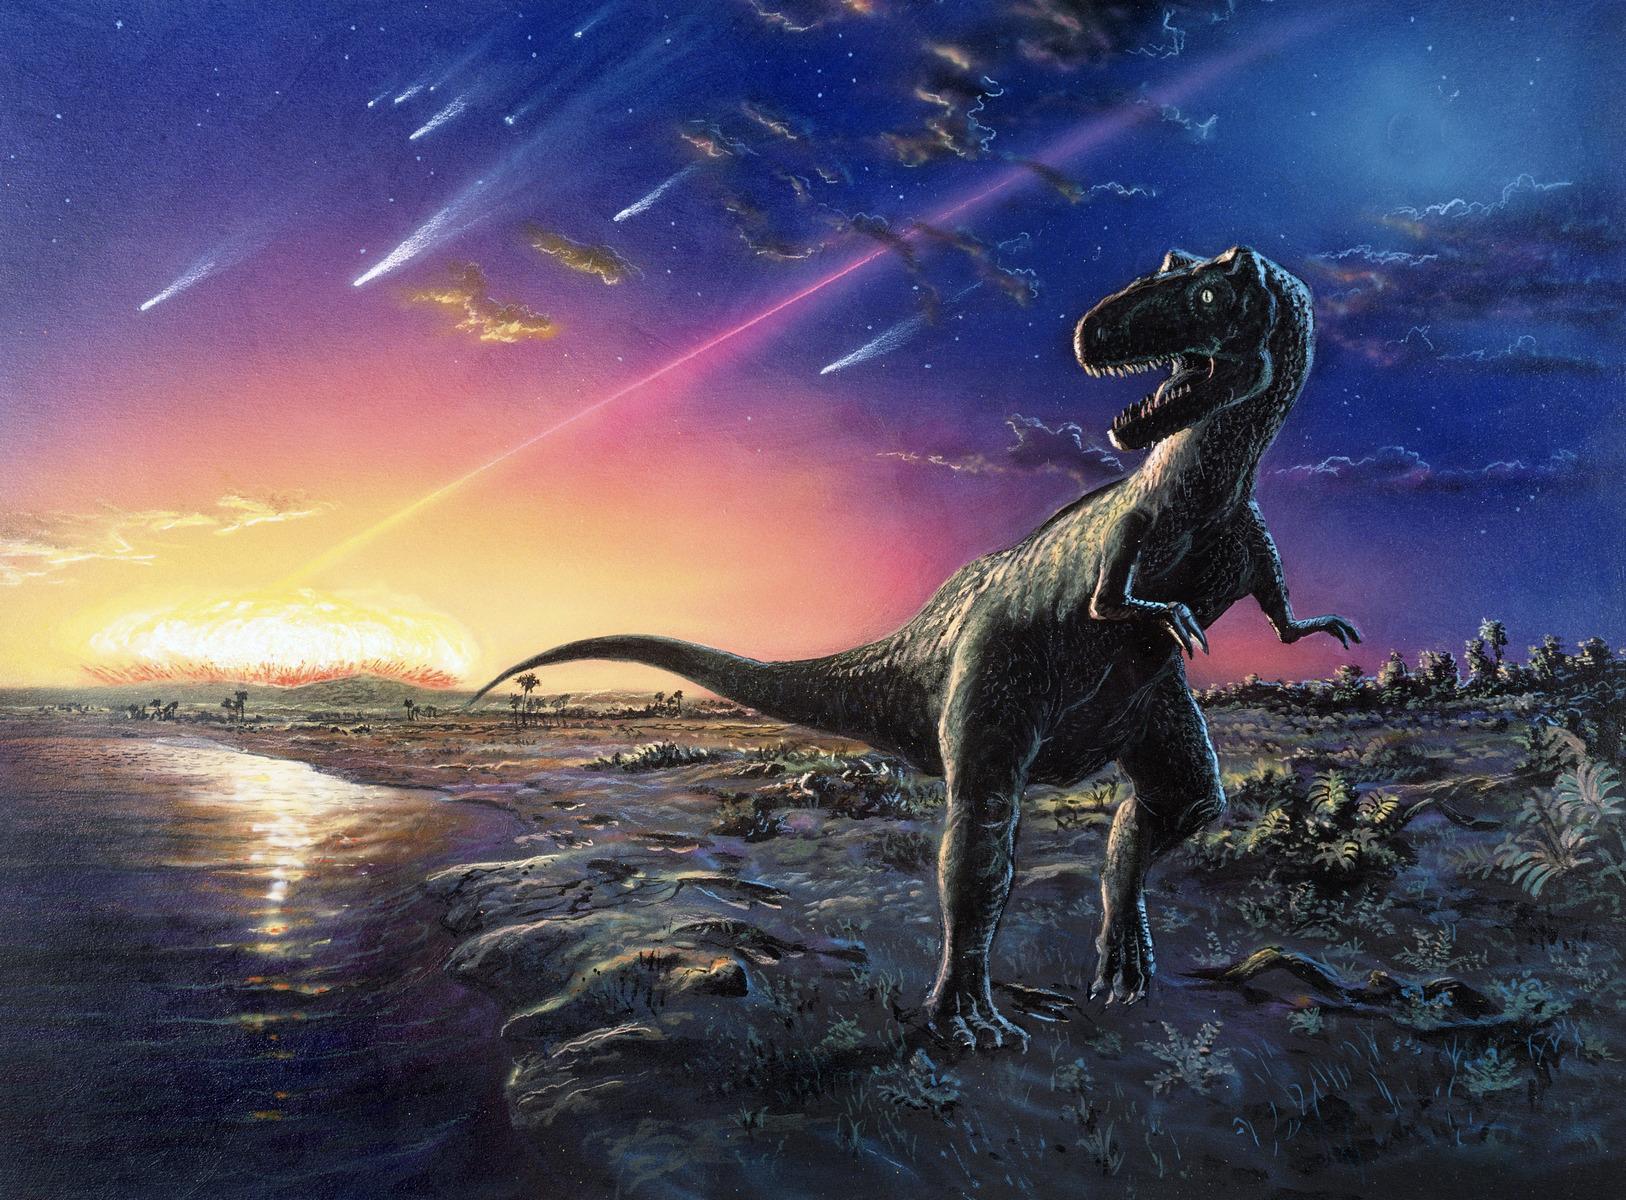 гибель динозавров в картинках с названиями оправдание она всегда